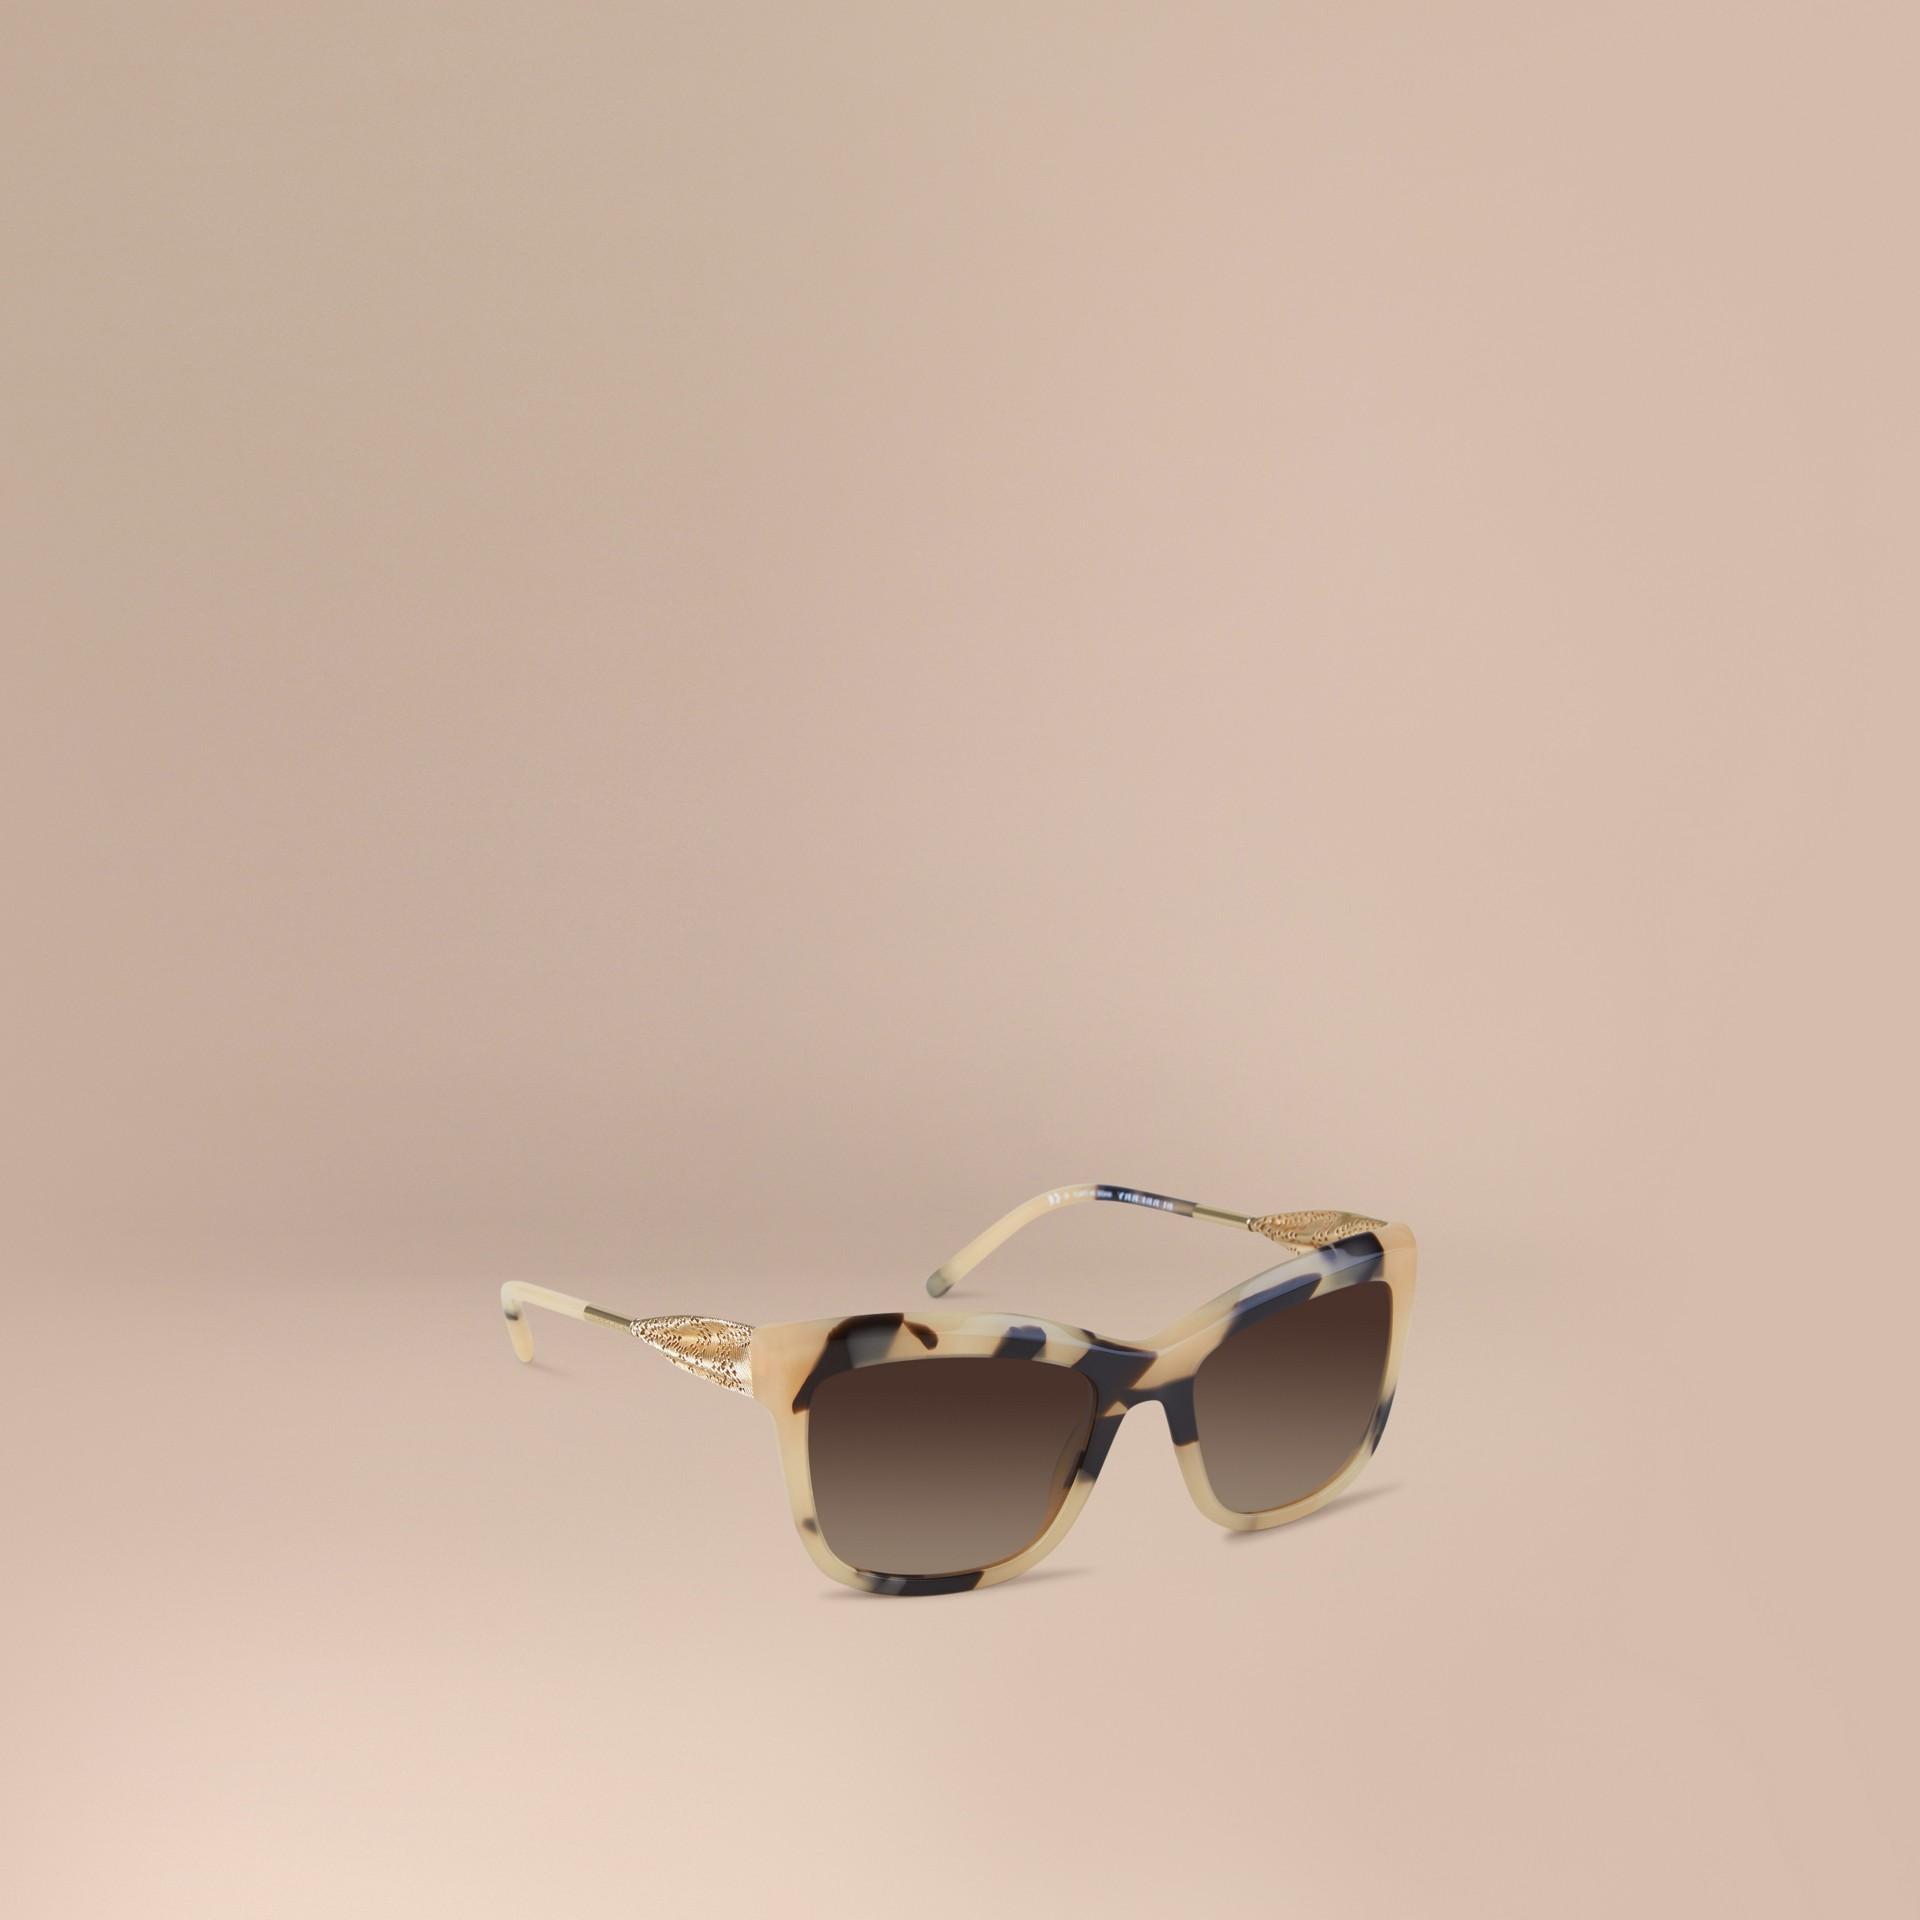 Corne demi-teinte Lunettes de soleil à monture carrée – Collection Dentelle de gabardine Corne Demi-teinte - photo de la galerie 1